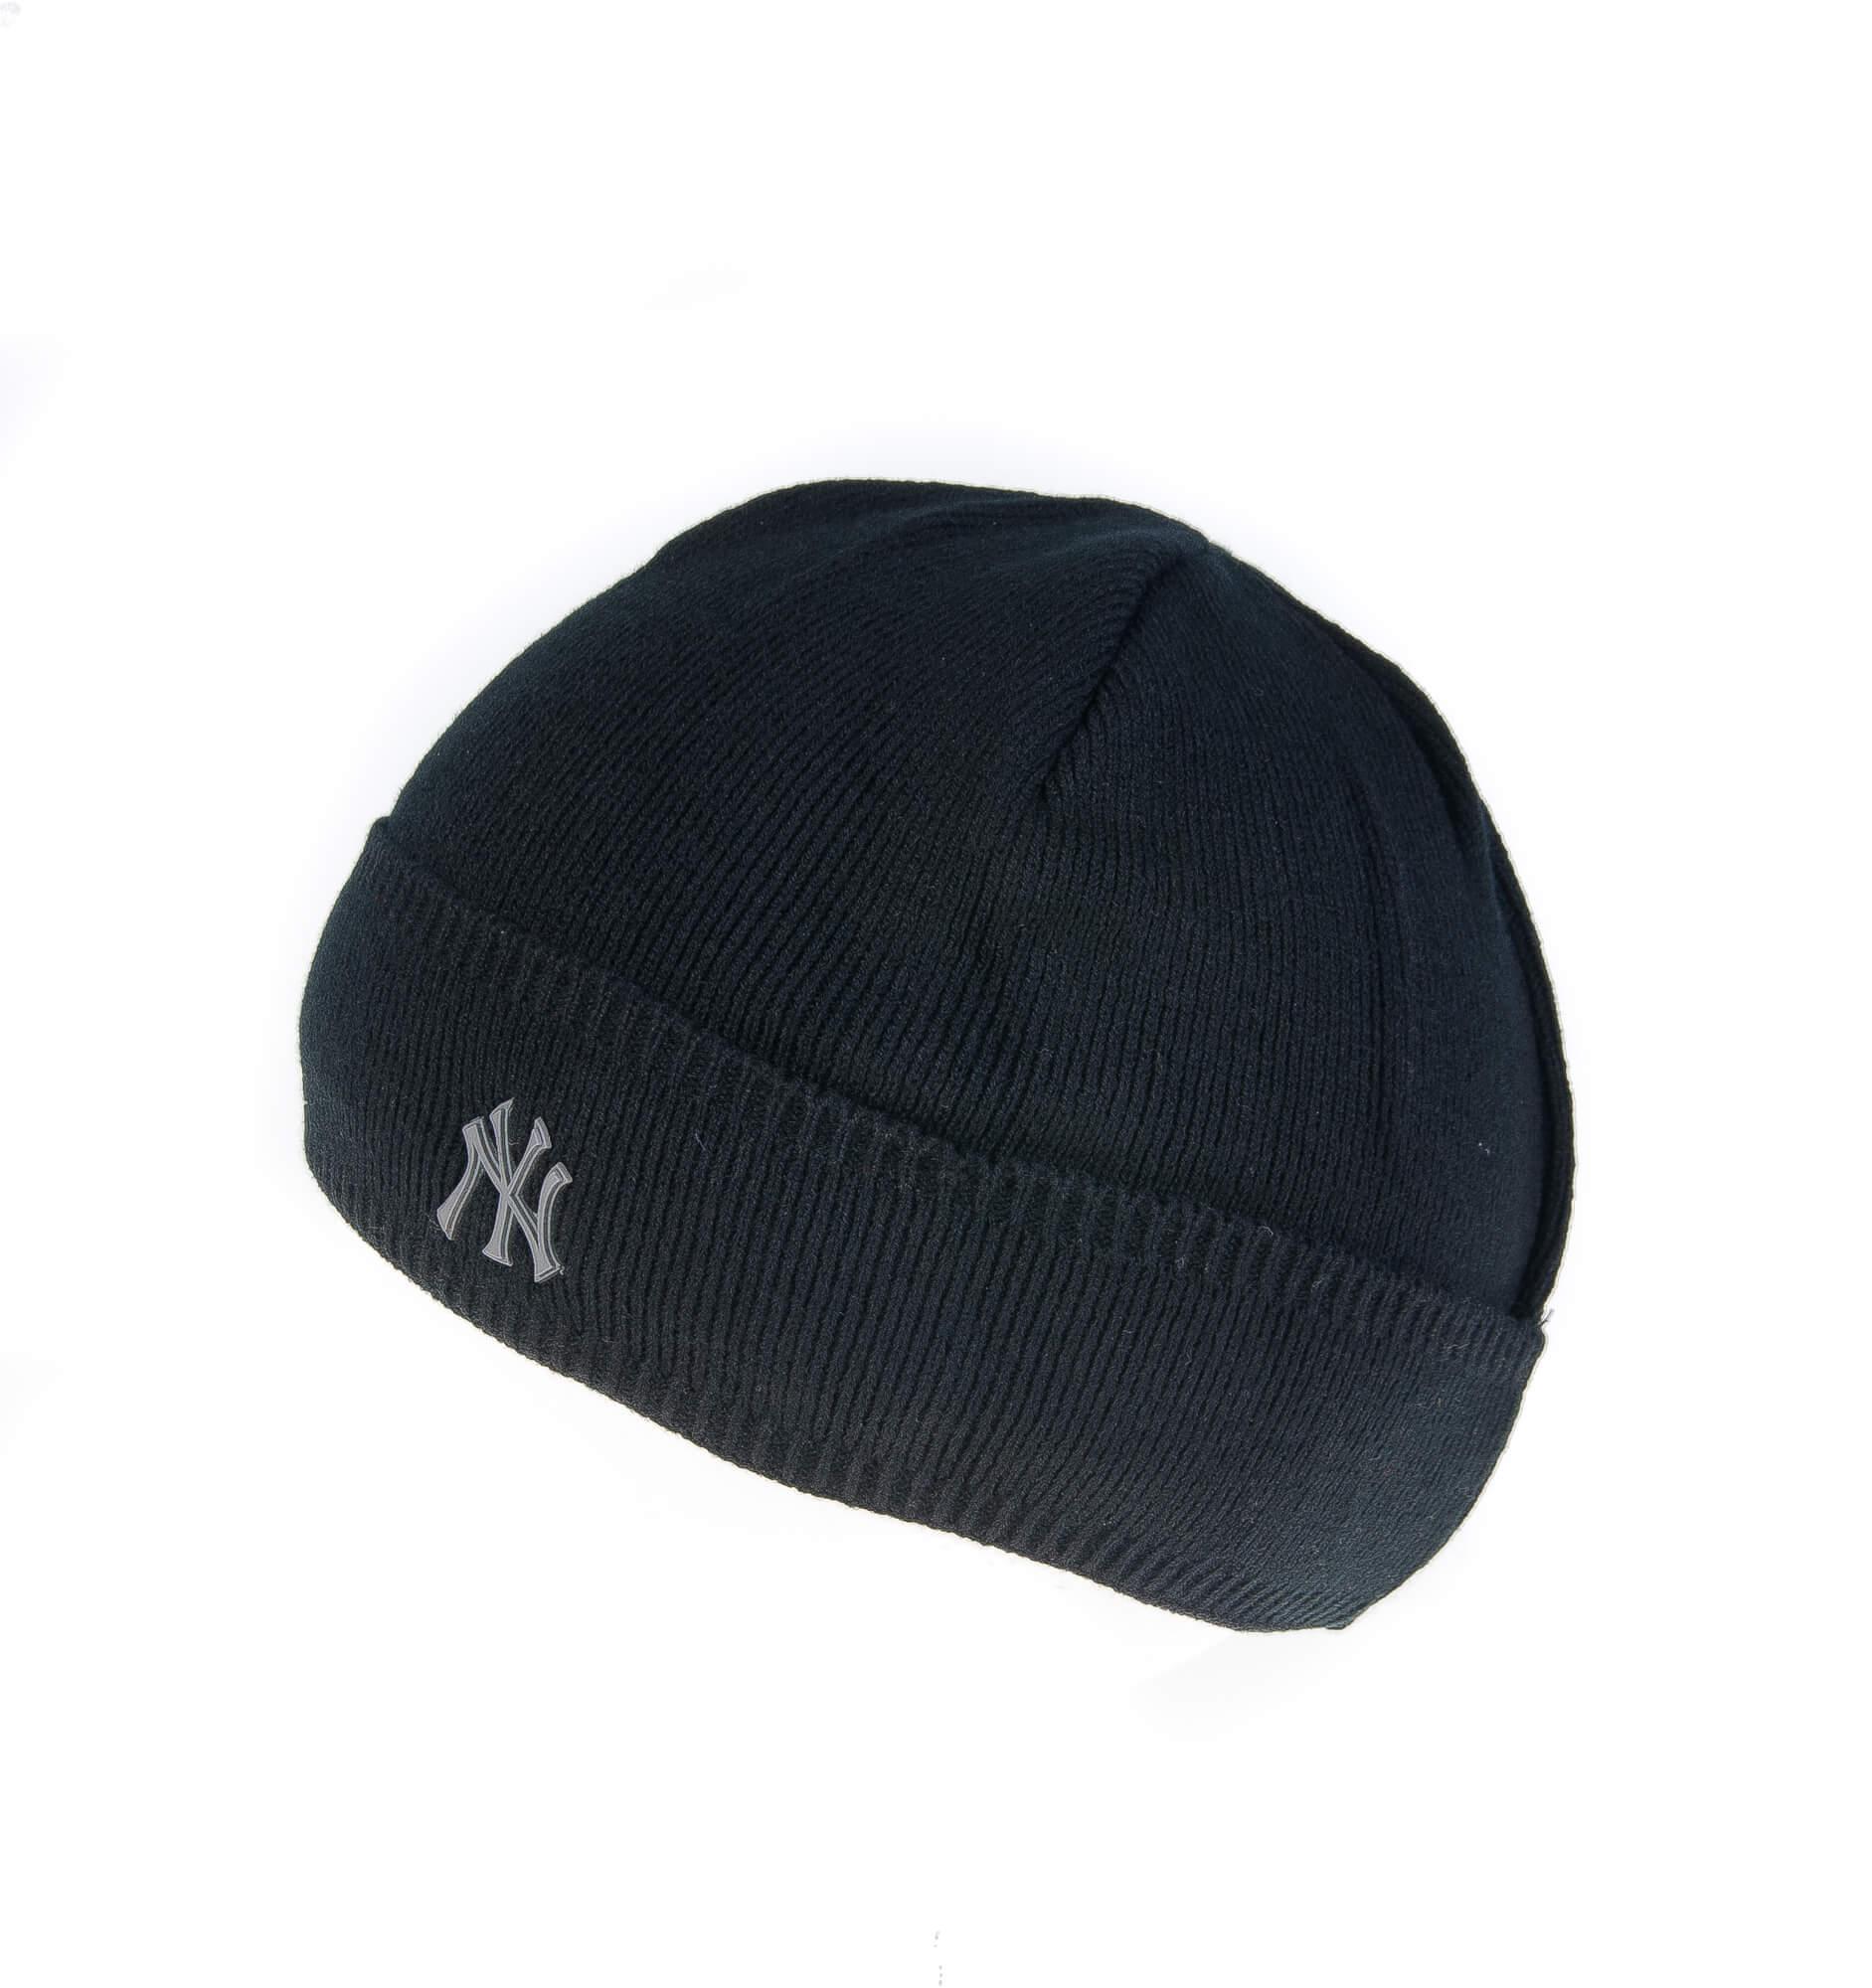 کلاه ساده مردانه مدل NEW YORK HN1005